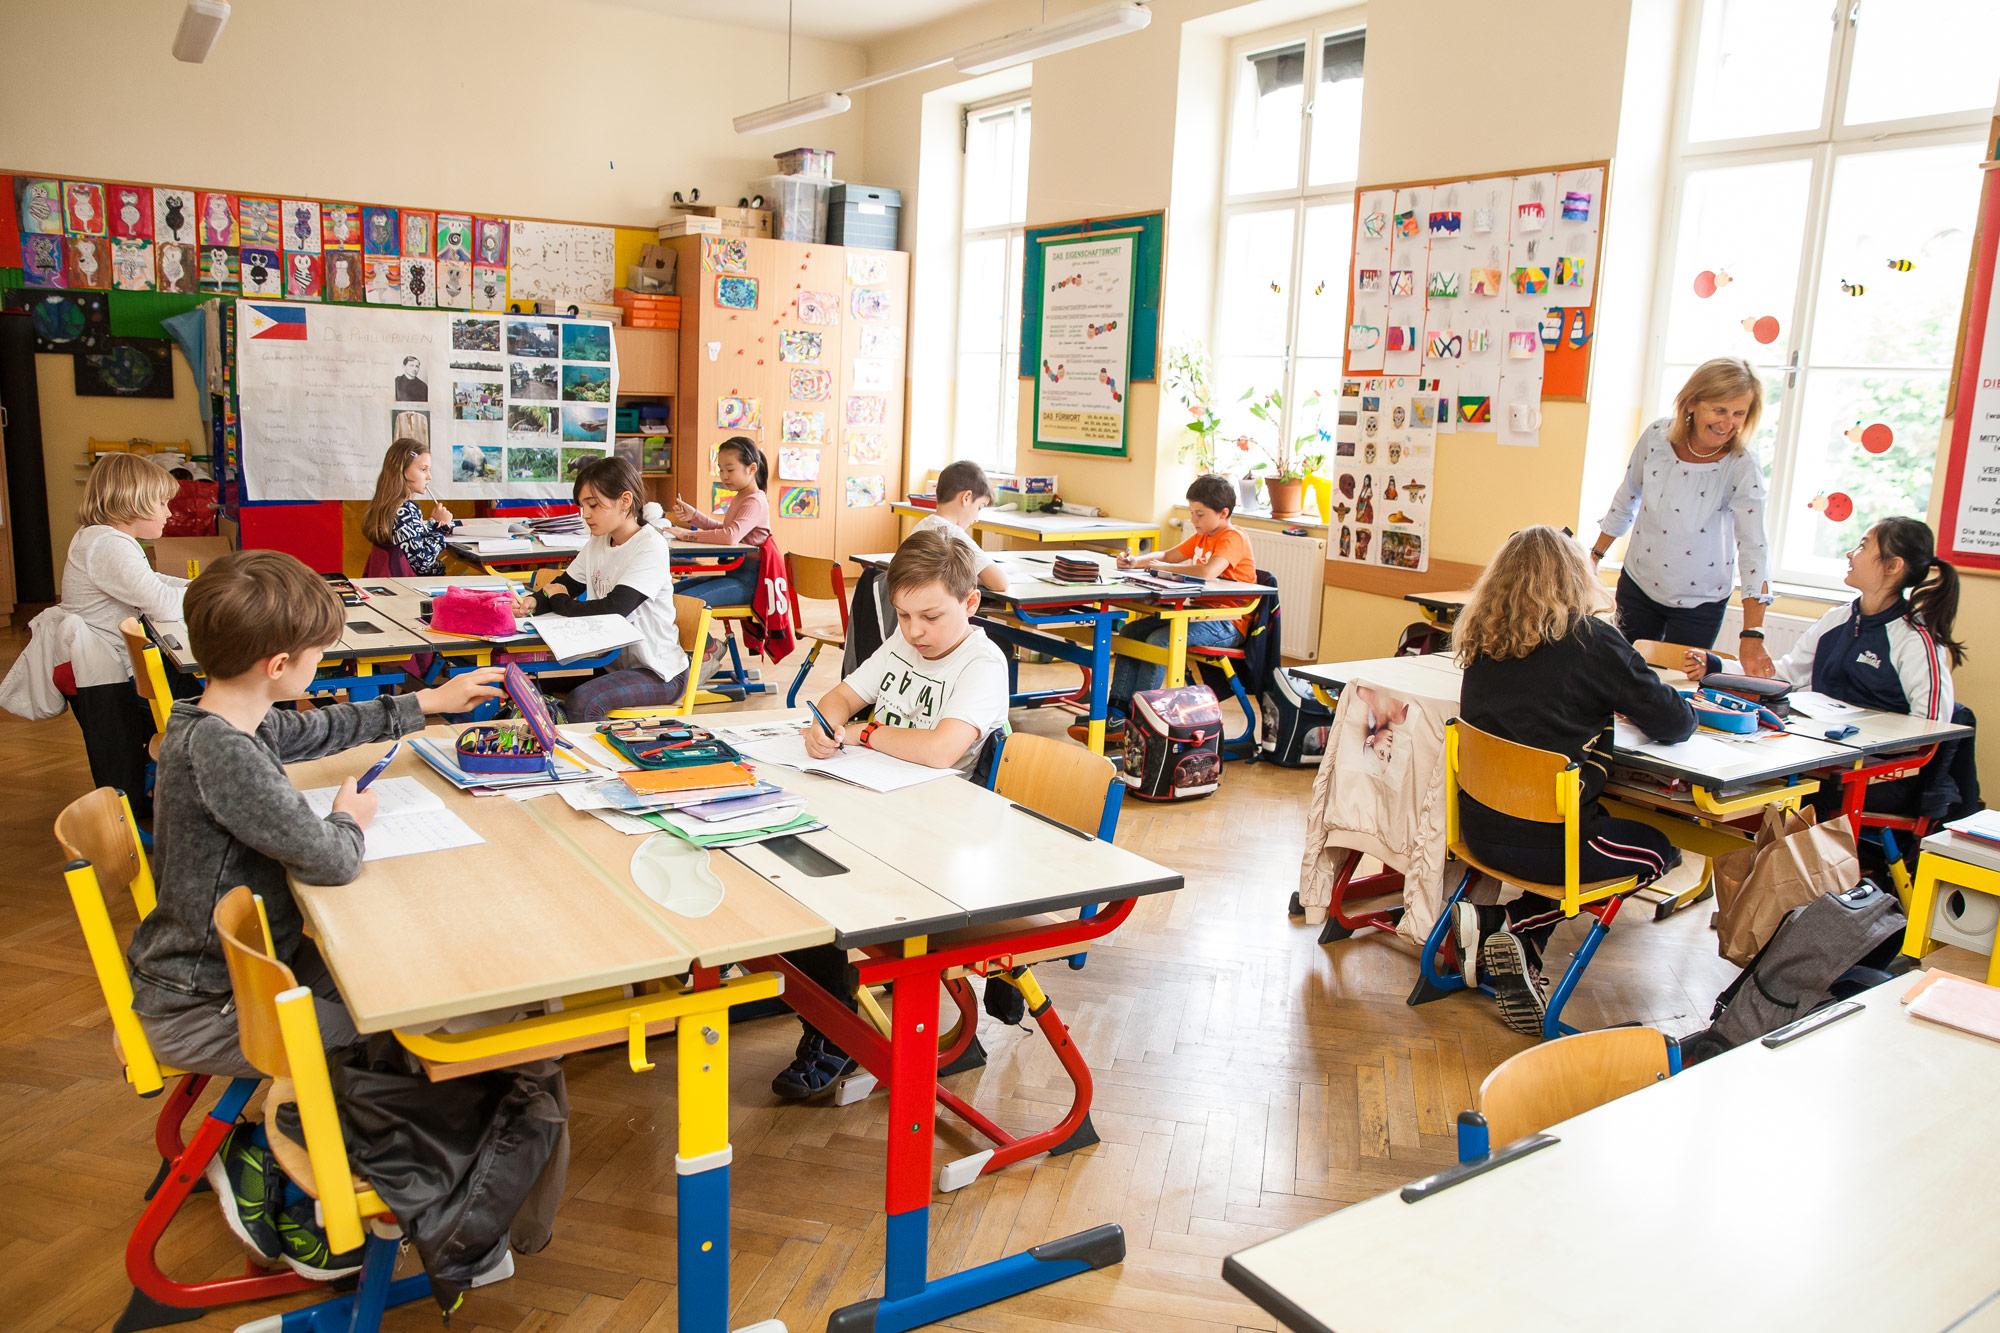 Ab dem 8. Februar findet wieder Unterricht nach Stundenplan statt. Wir freuen uns auf ein Stück Normalität!